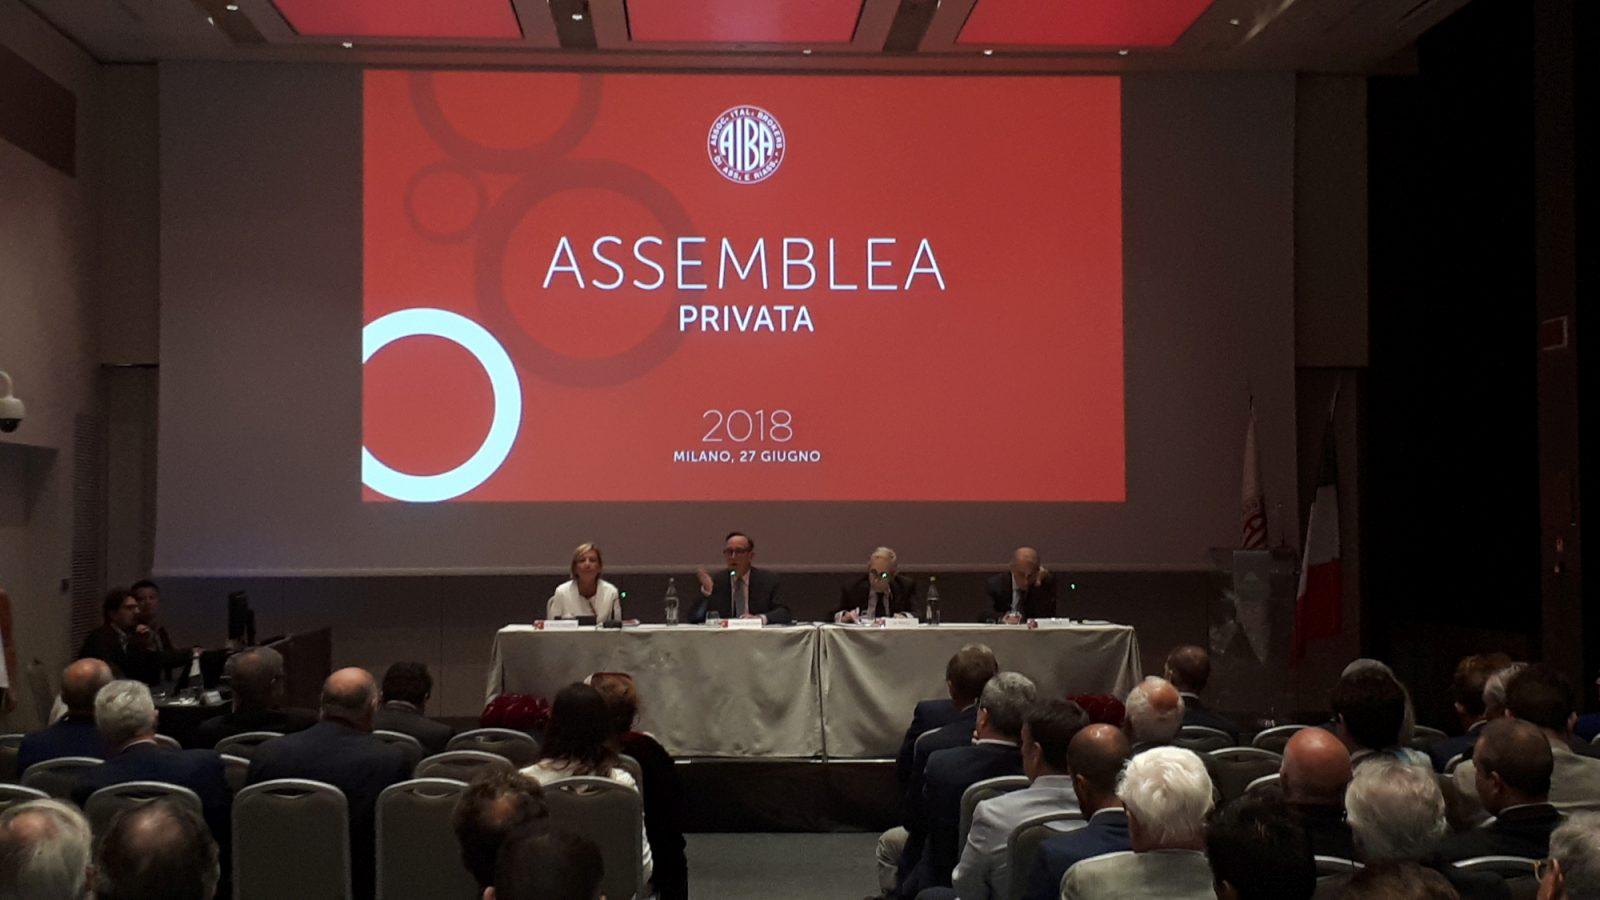 Assemblea annuale AIBA: Brokeraggio assicurativo, un mercato in transizione